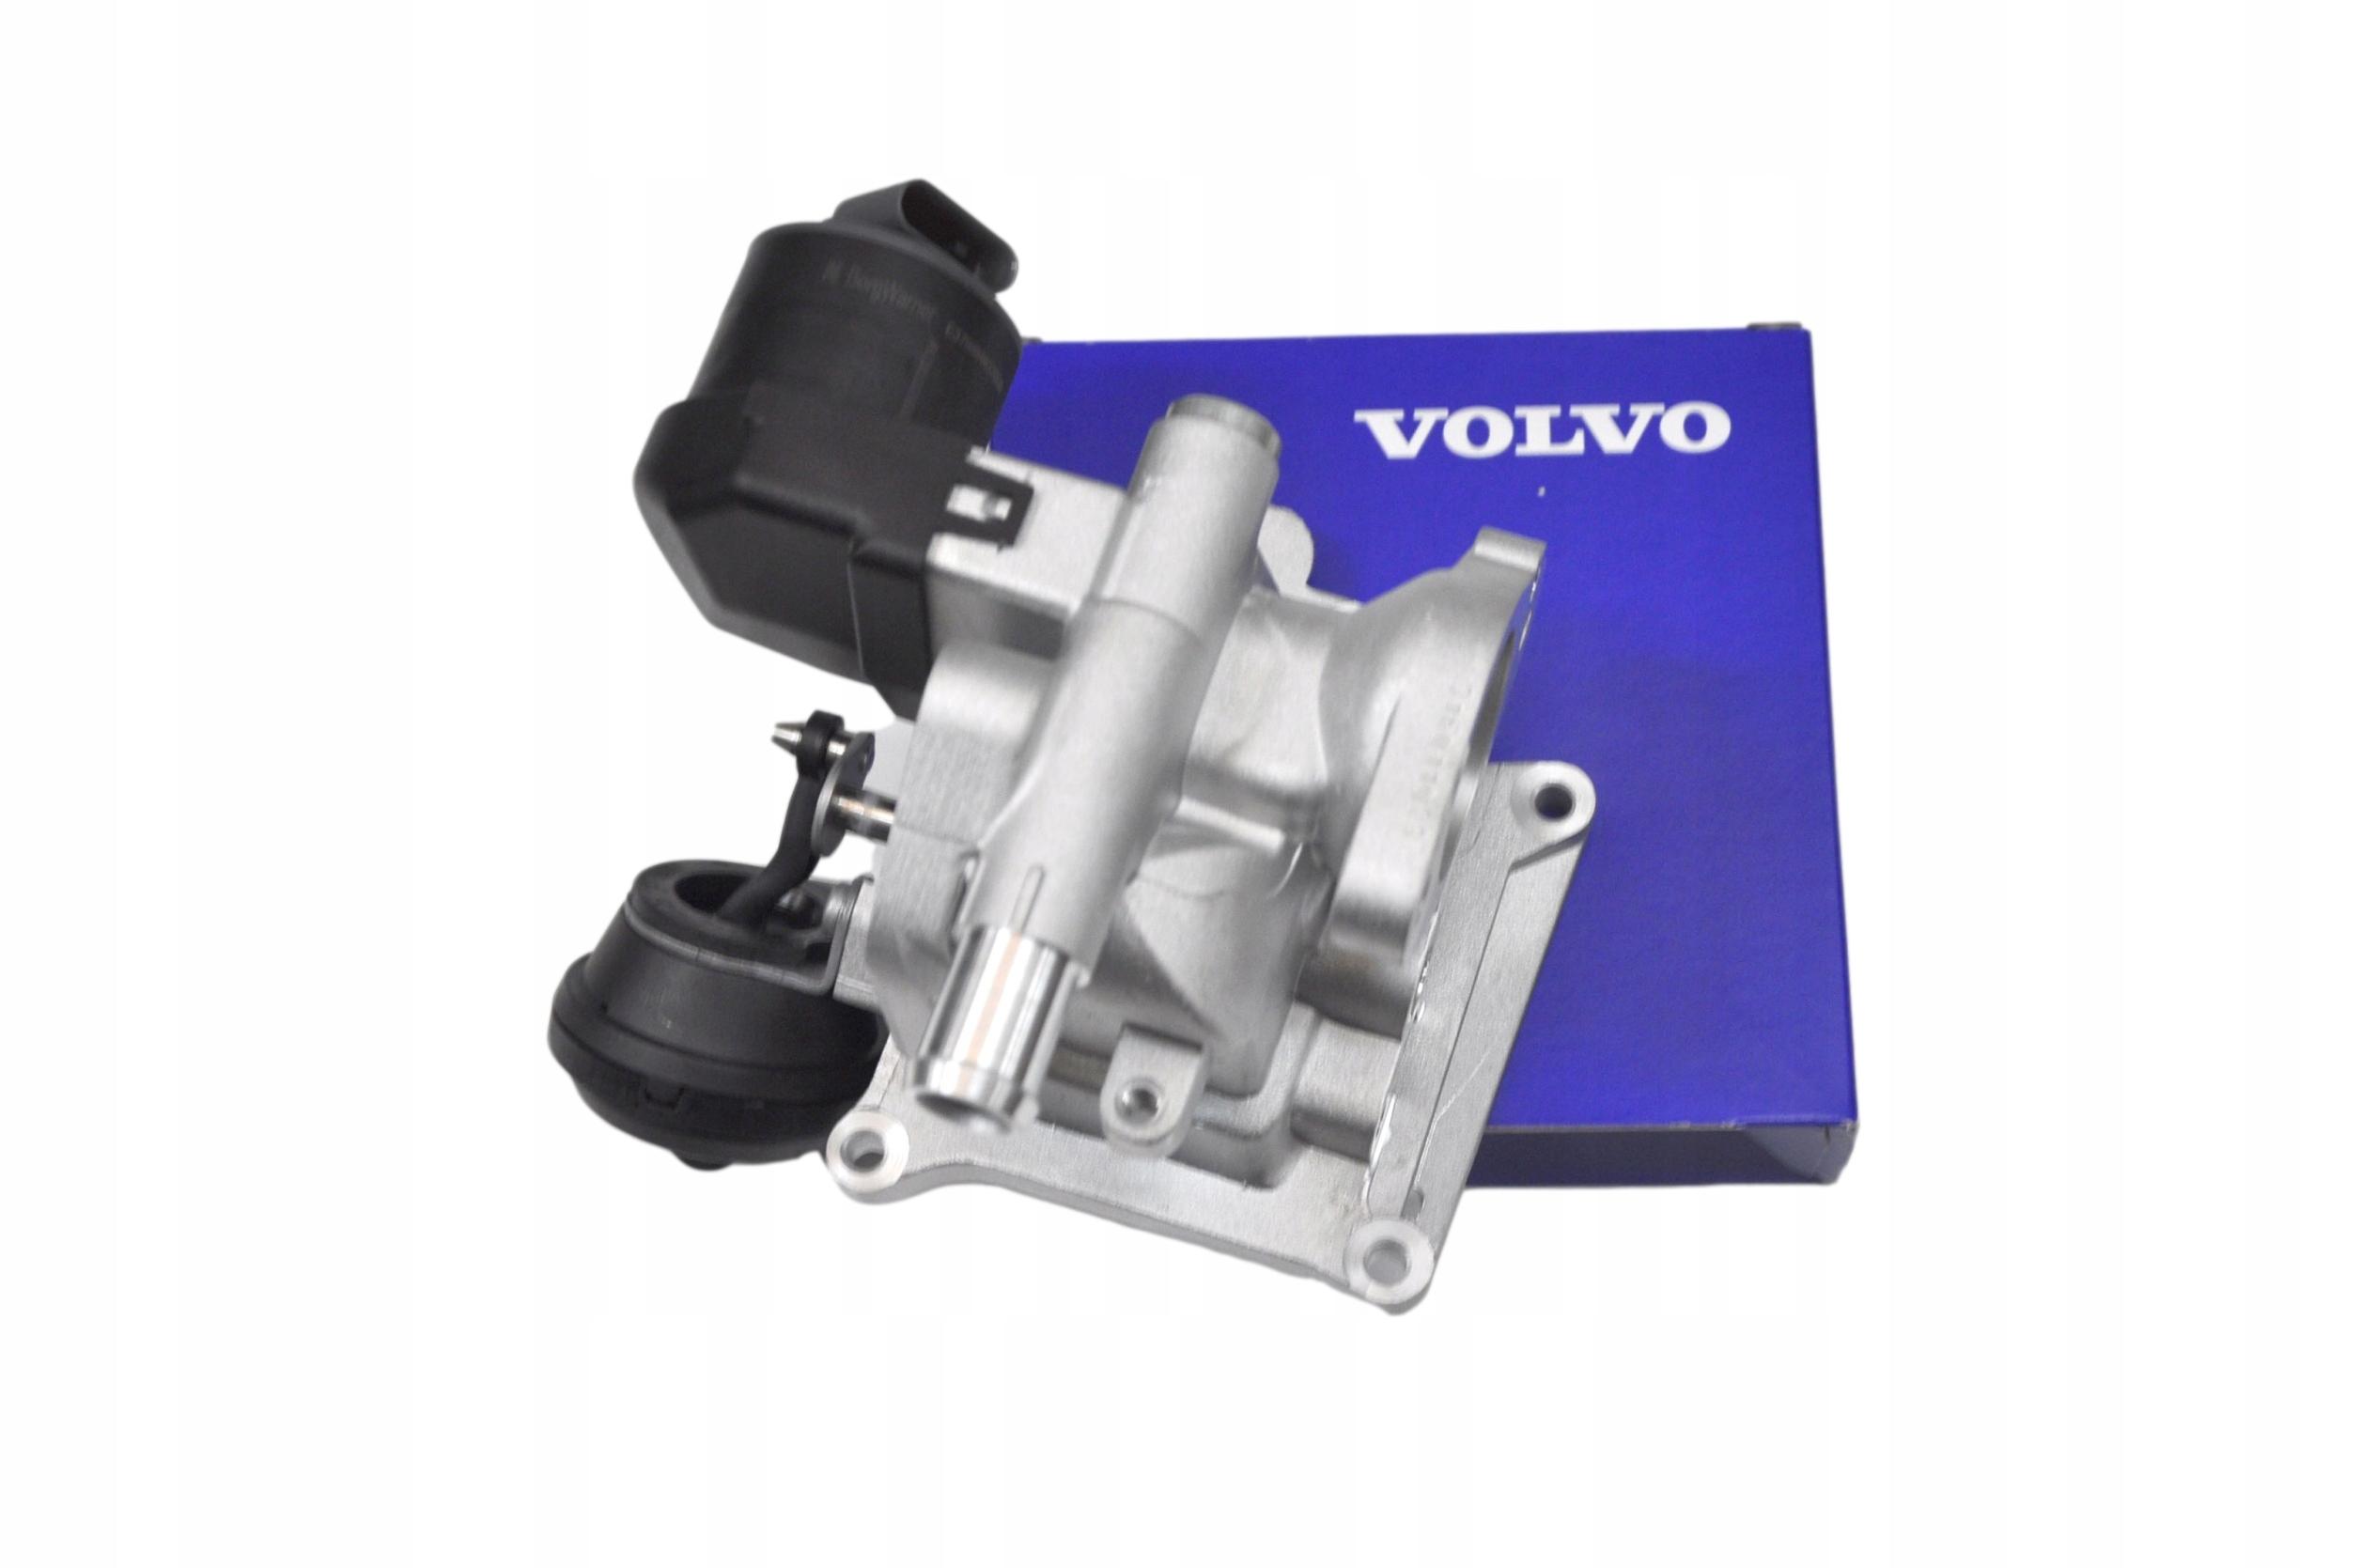 volvo s80 v70 xc70 оригинал клапан системы рециркуляции ог 2 0d oe